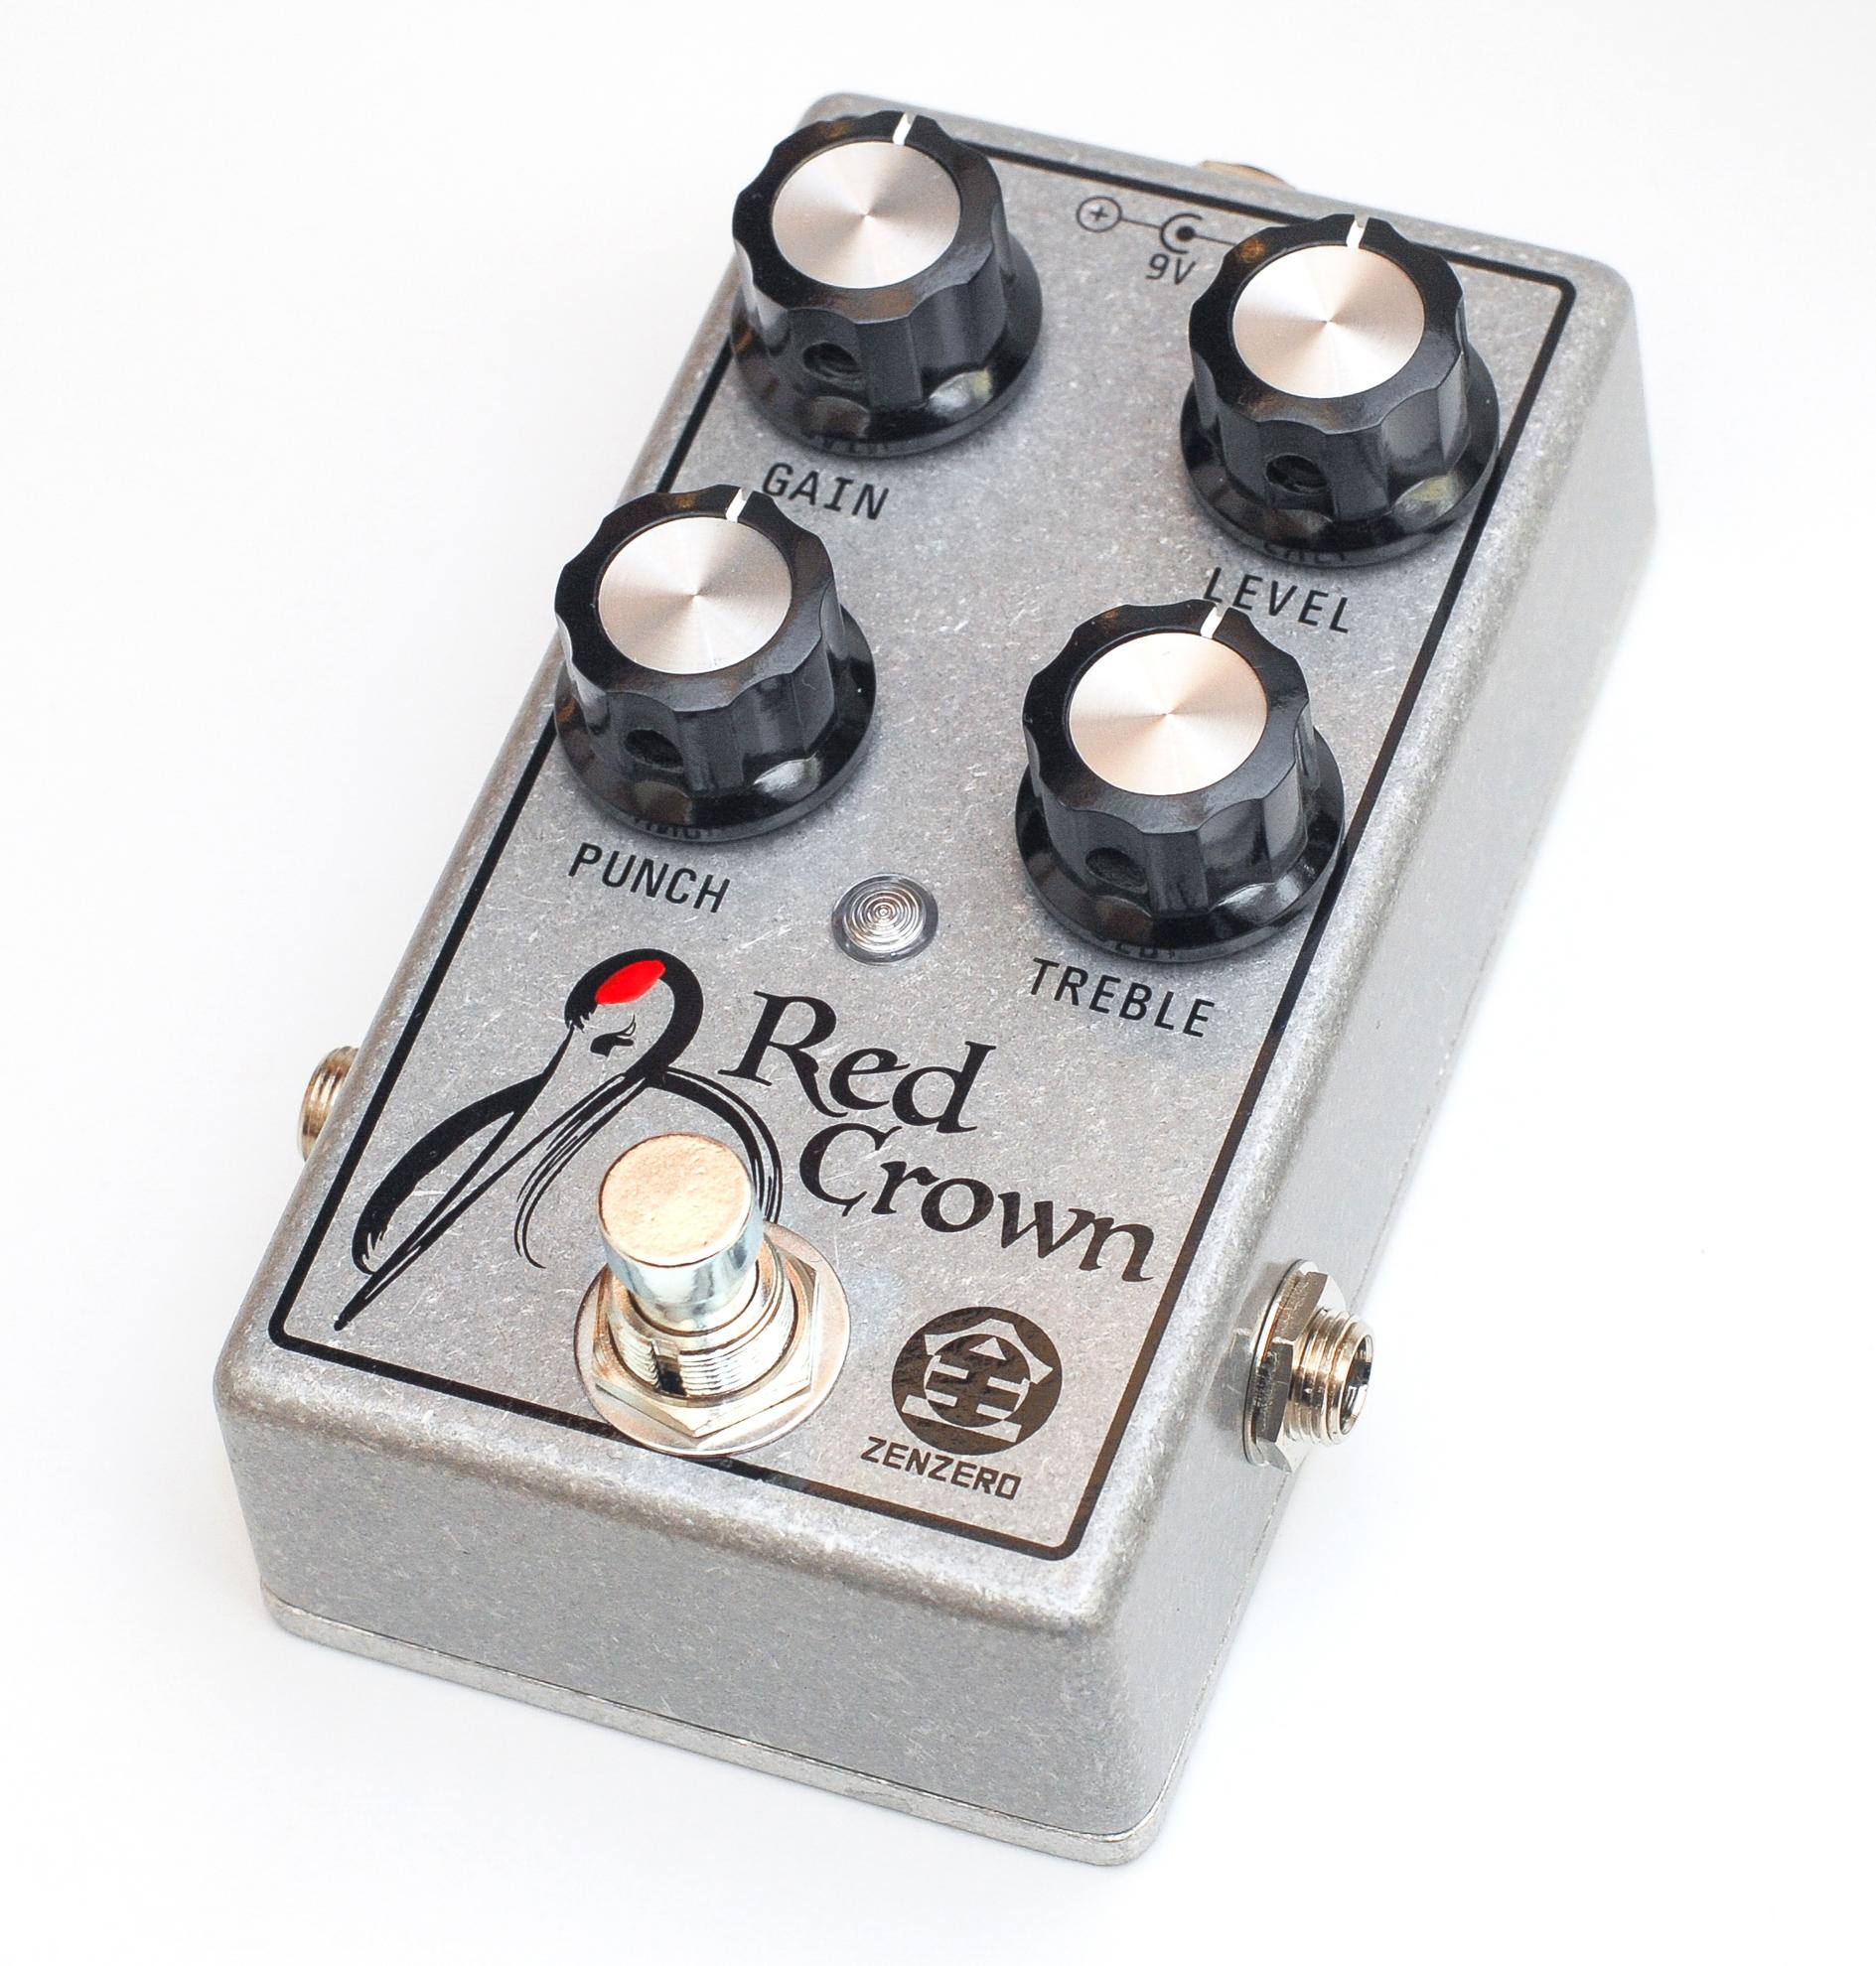 red_crown_hires_1.jpg